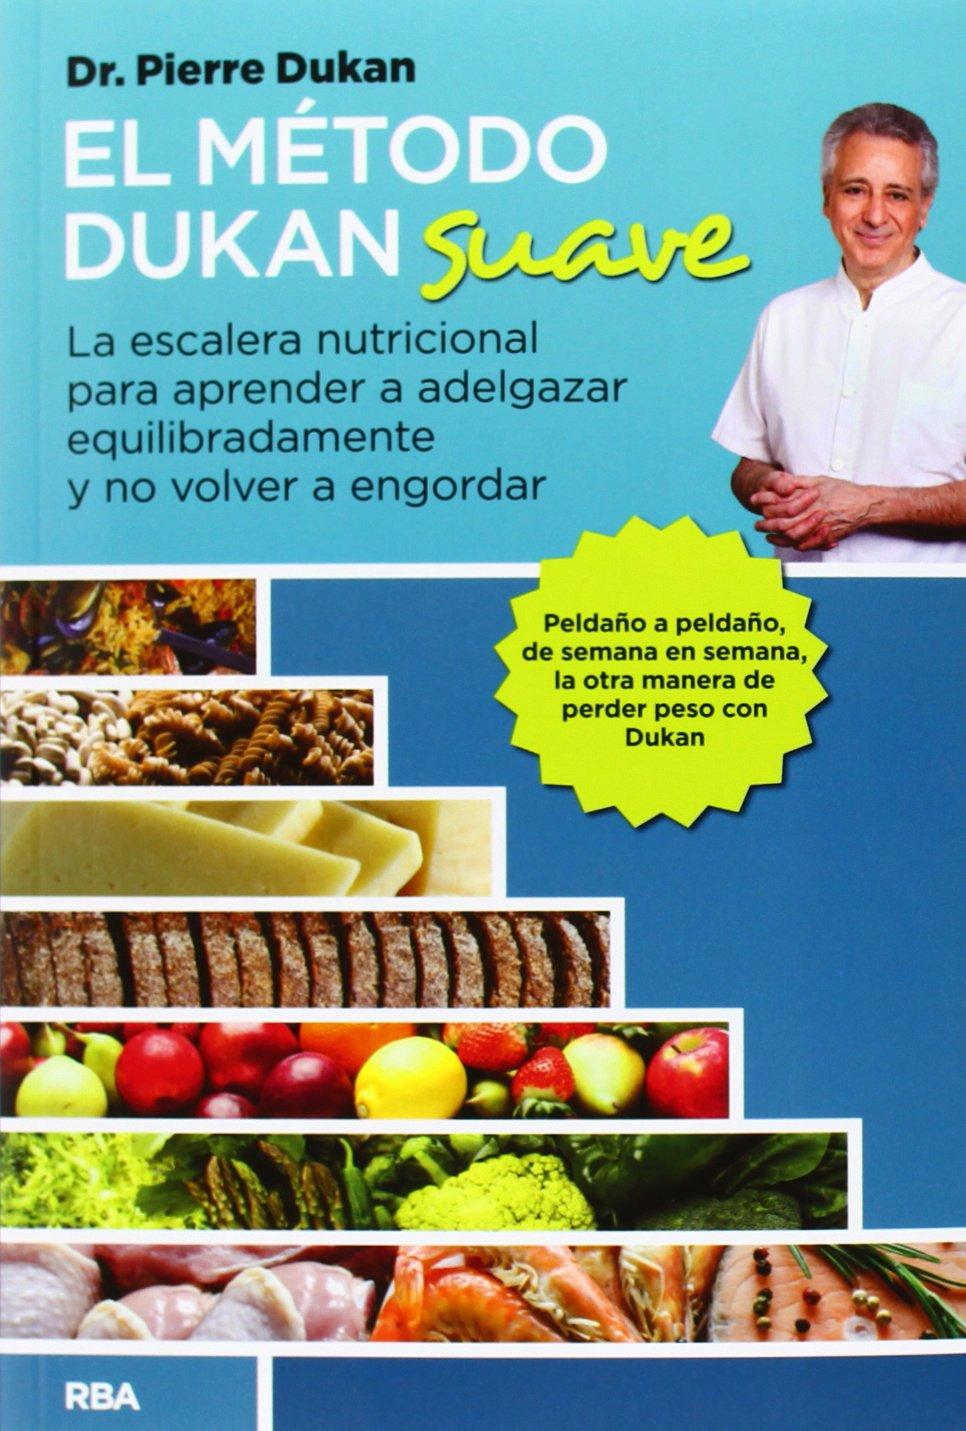 engordar con la dieta dukan